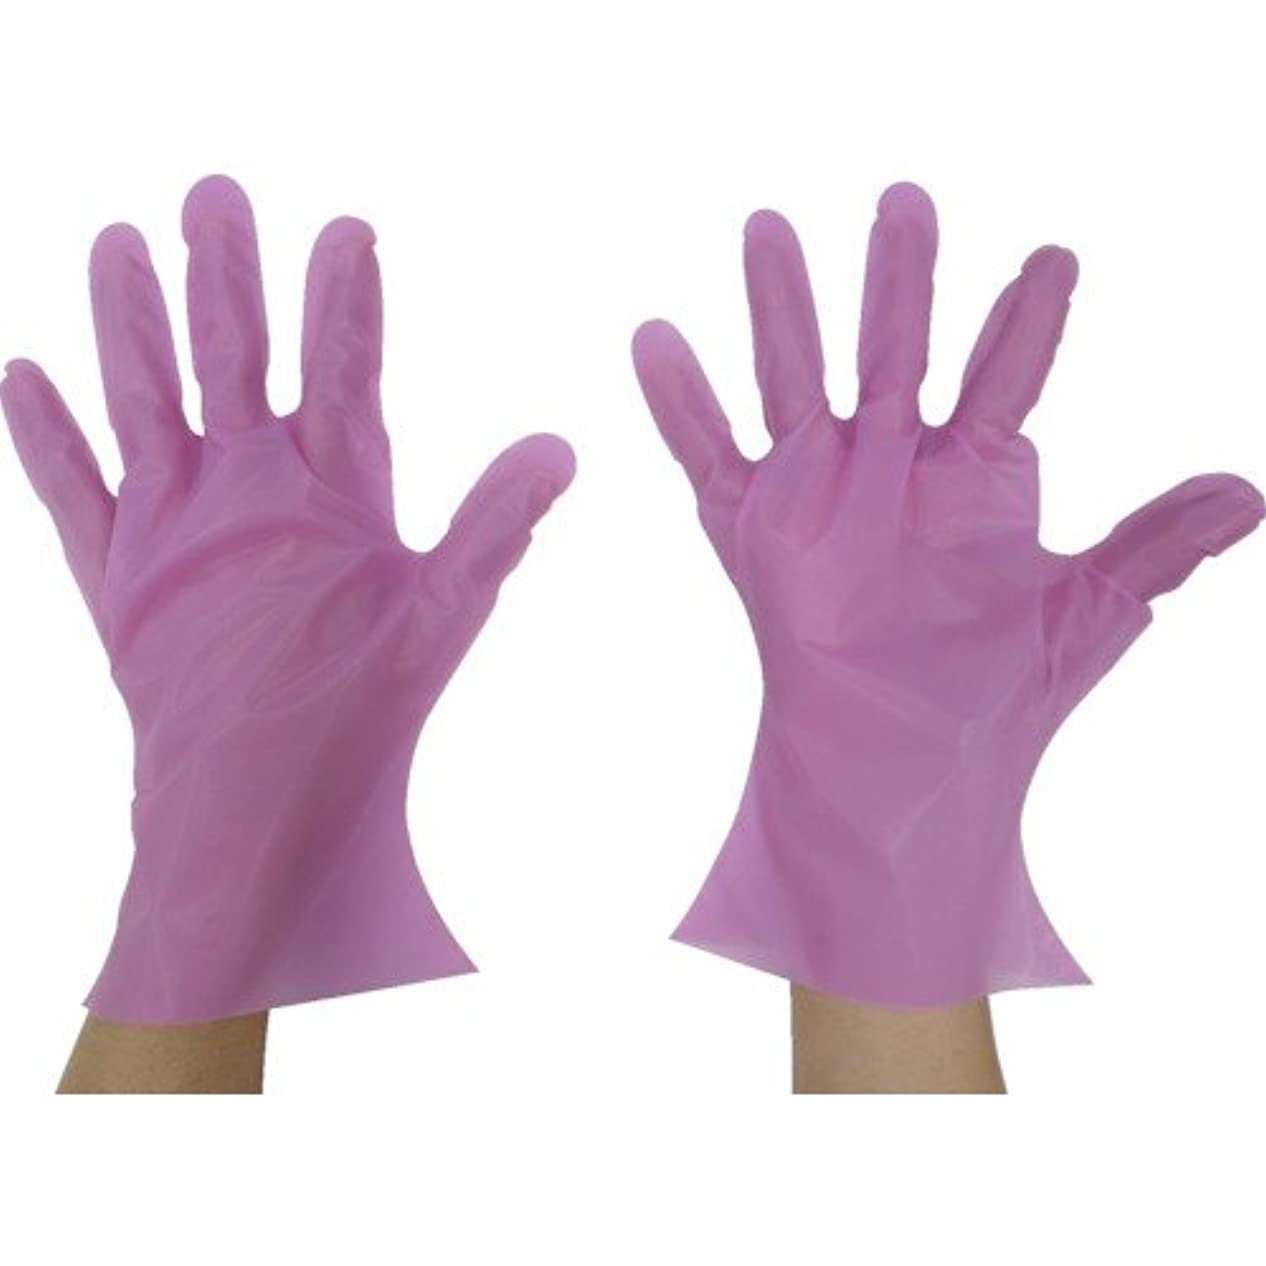 受粉する実り多いここに東京パック マイジャストグローブエコノミー化粧箱M ピンク(入数:200枚) PMJEK-M